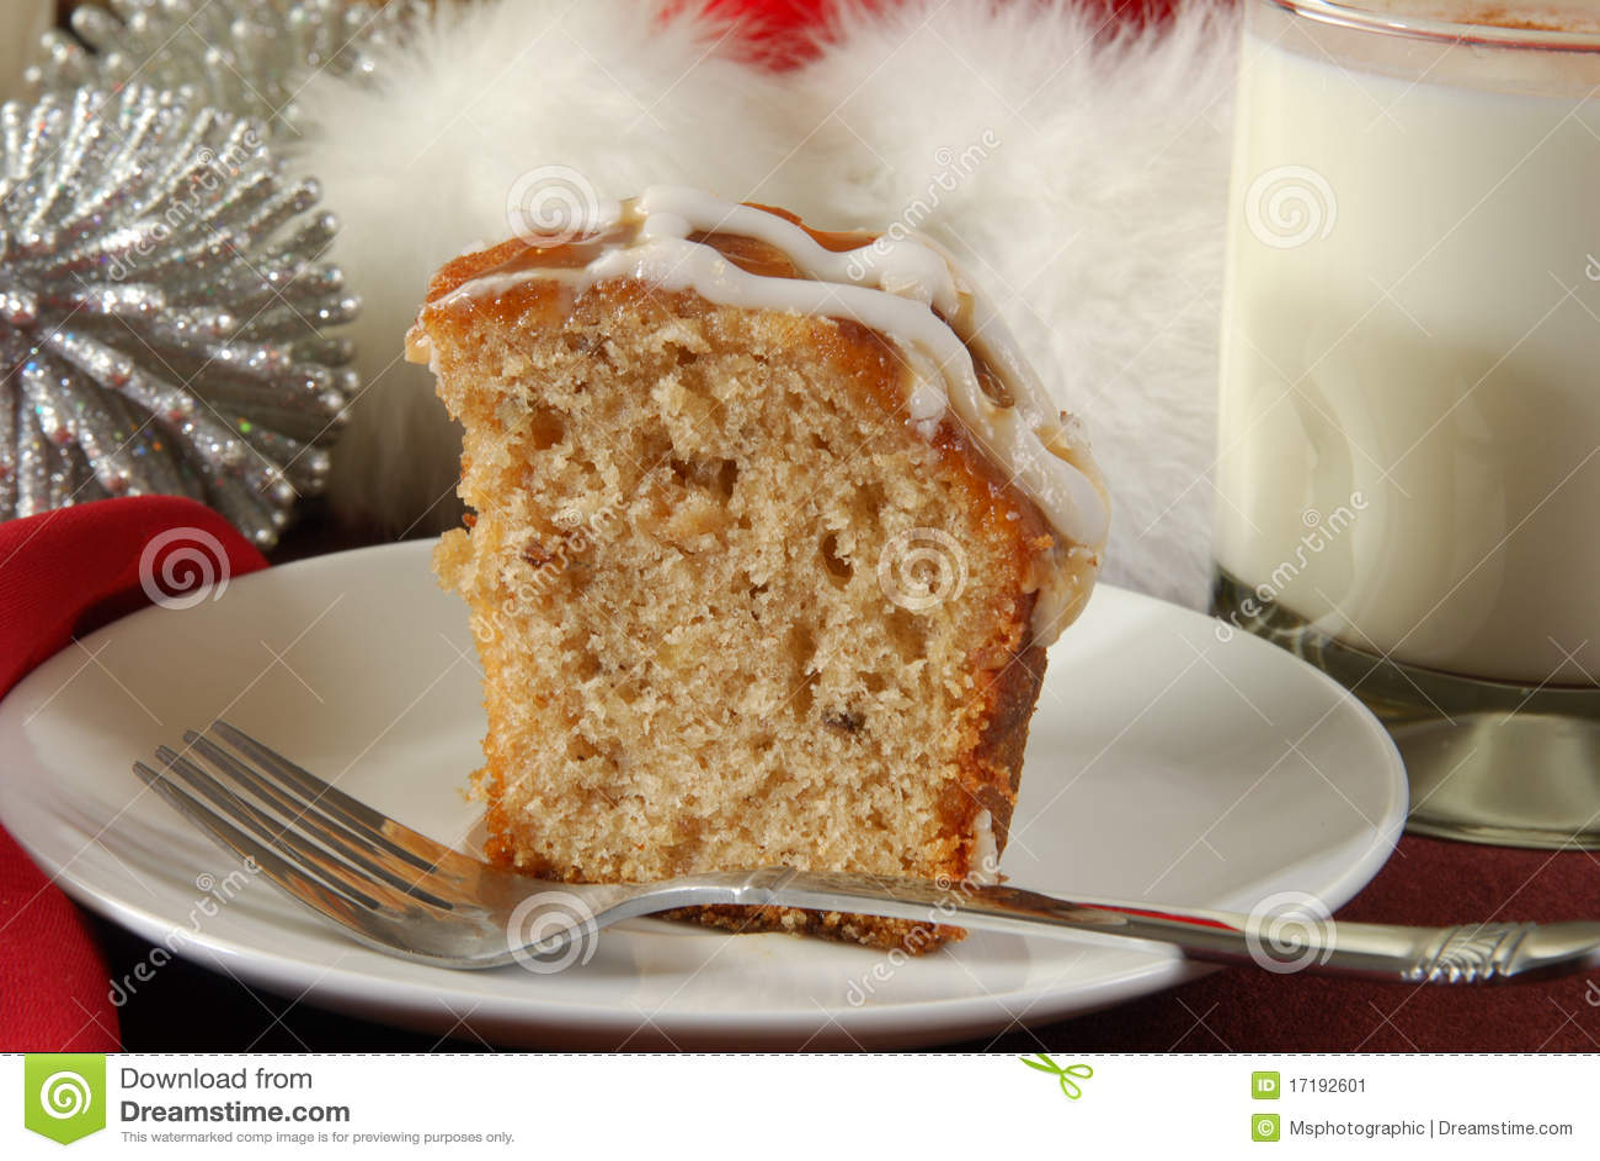 De cake van de appel bundt bij Kerstmis